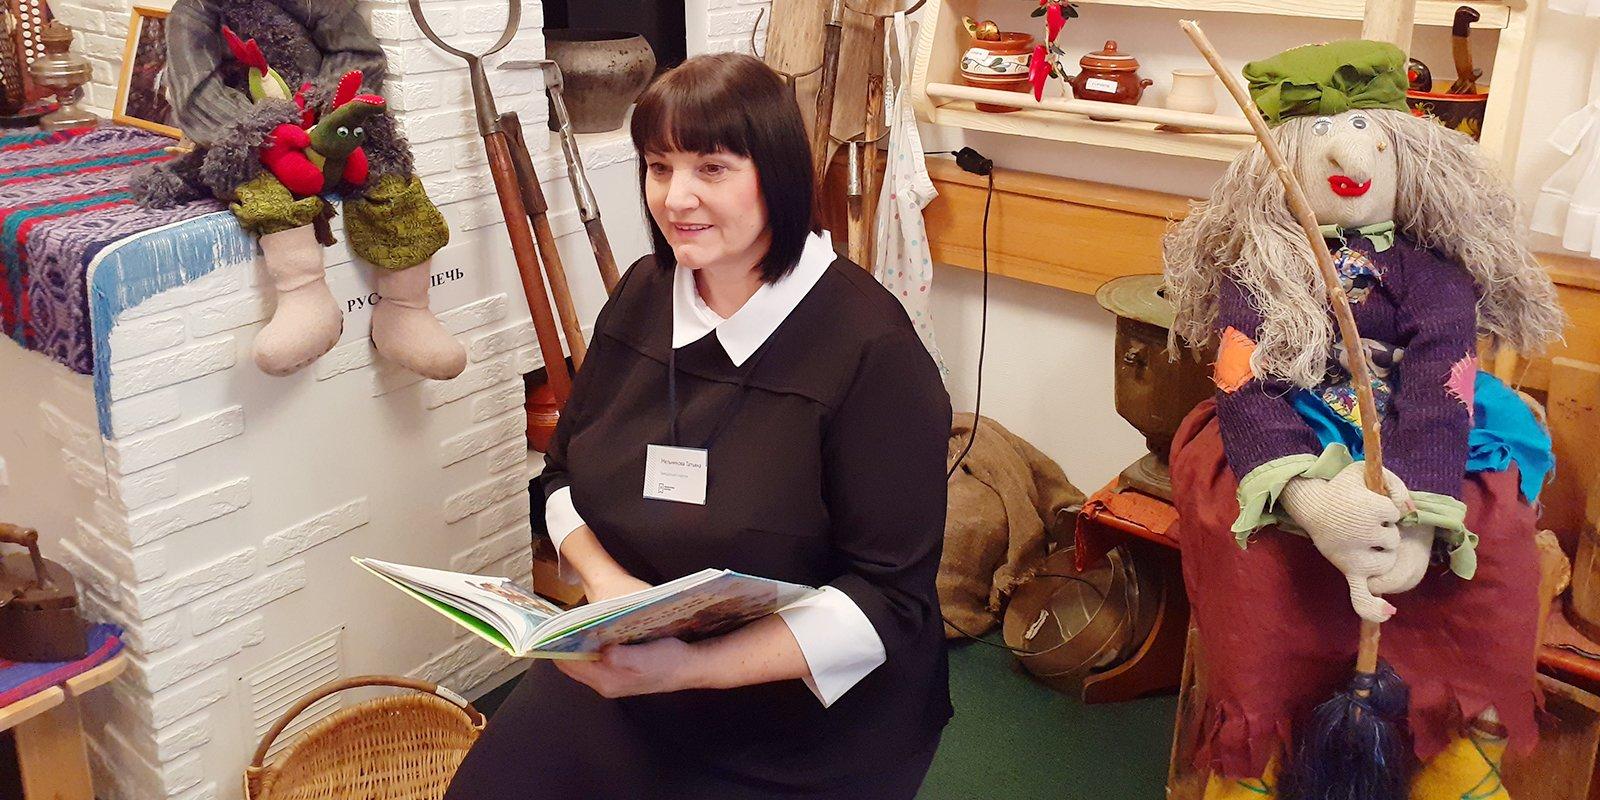 Татьяна Мельникова, заведующая отделом библиотеки № 223